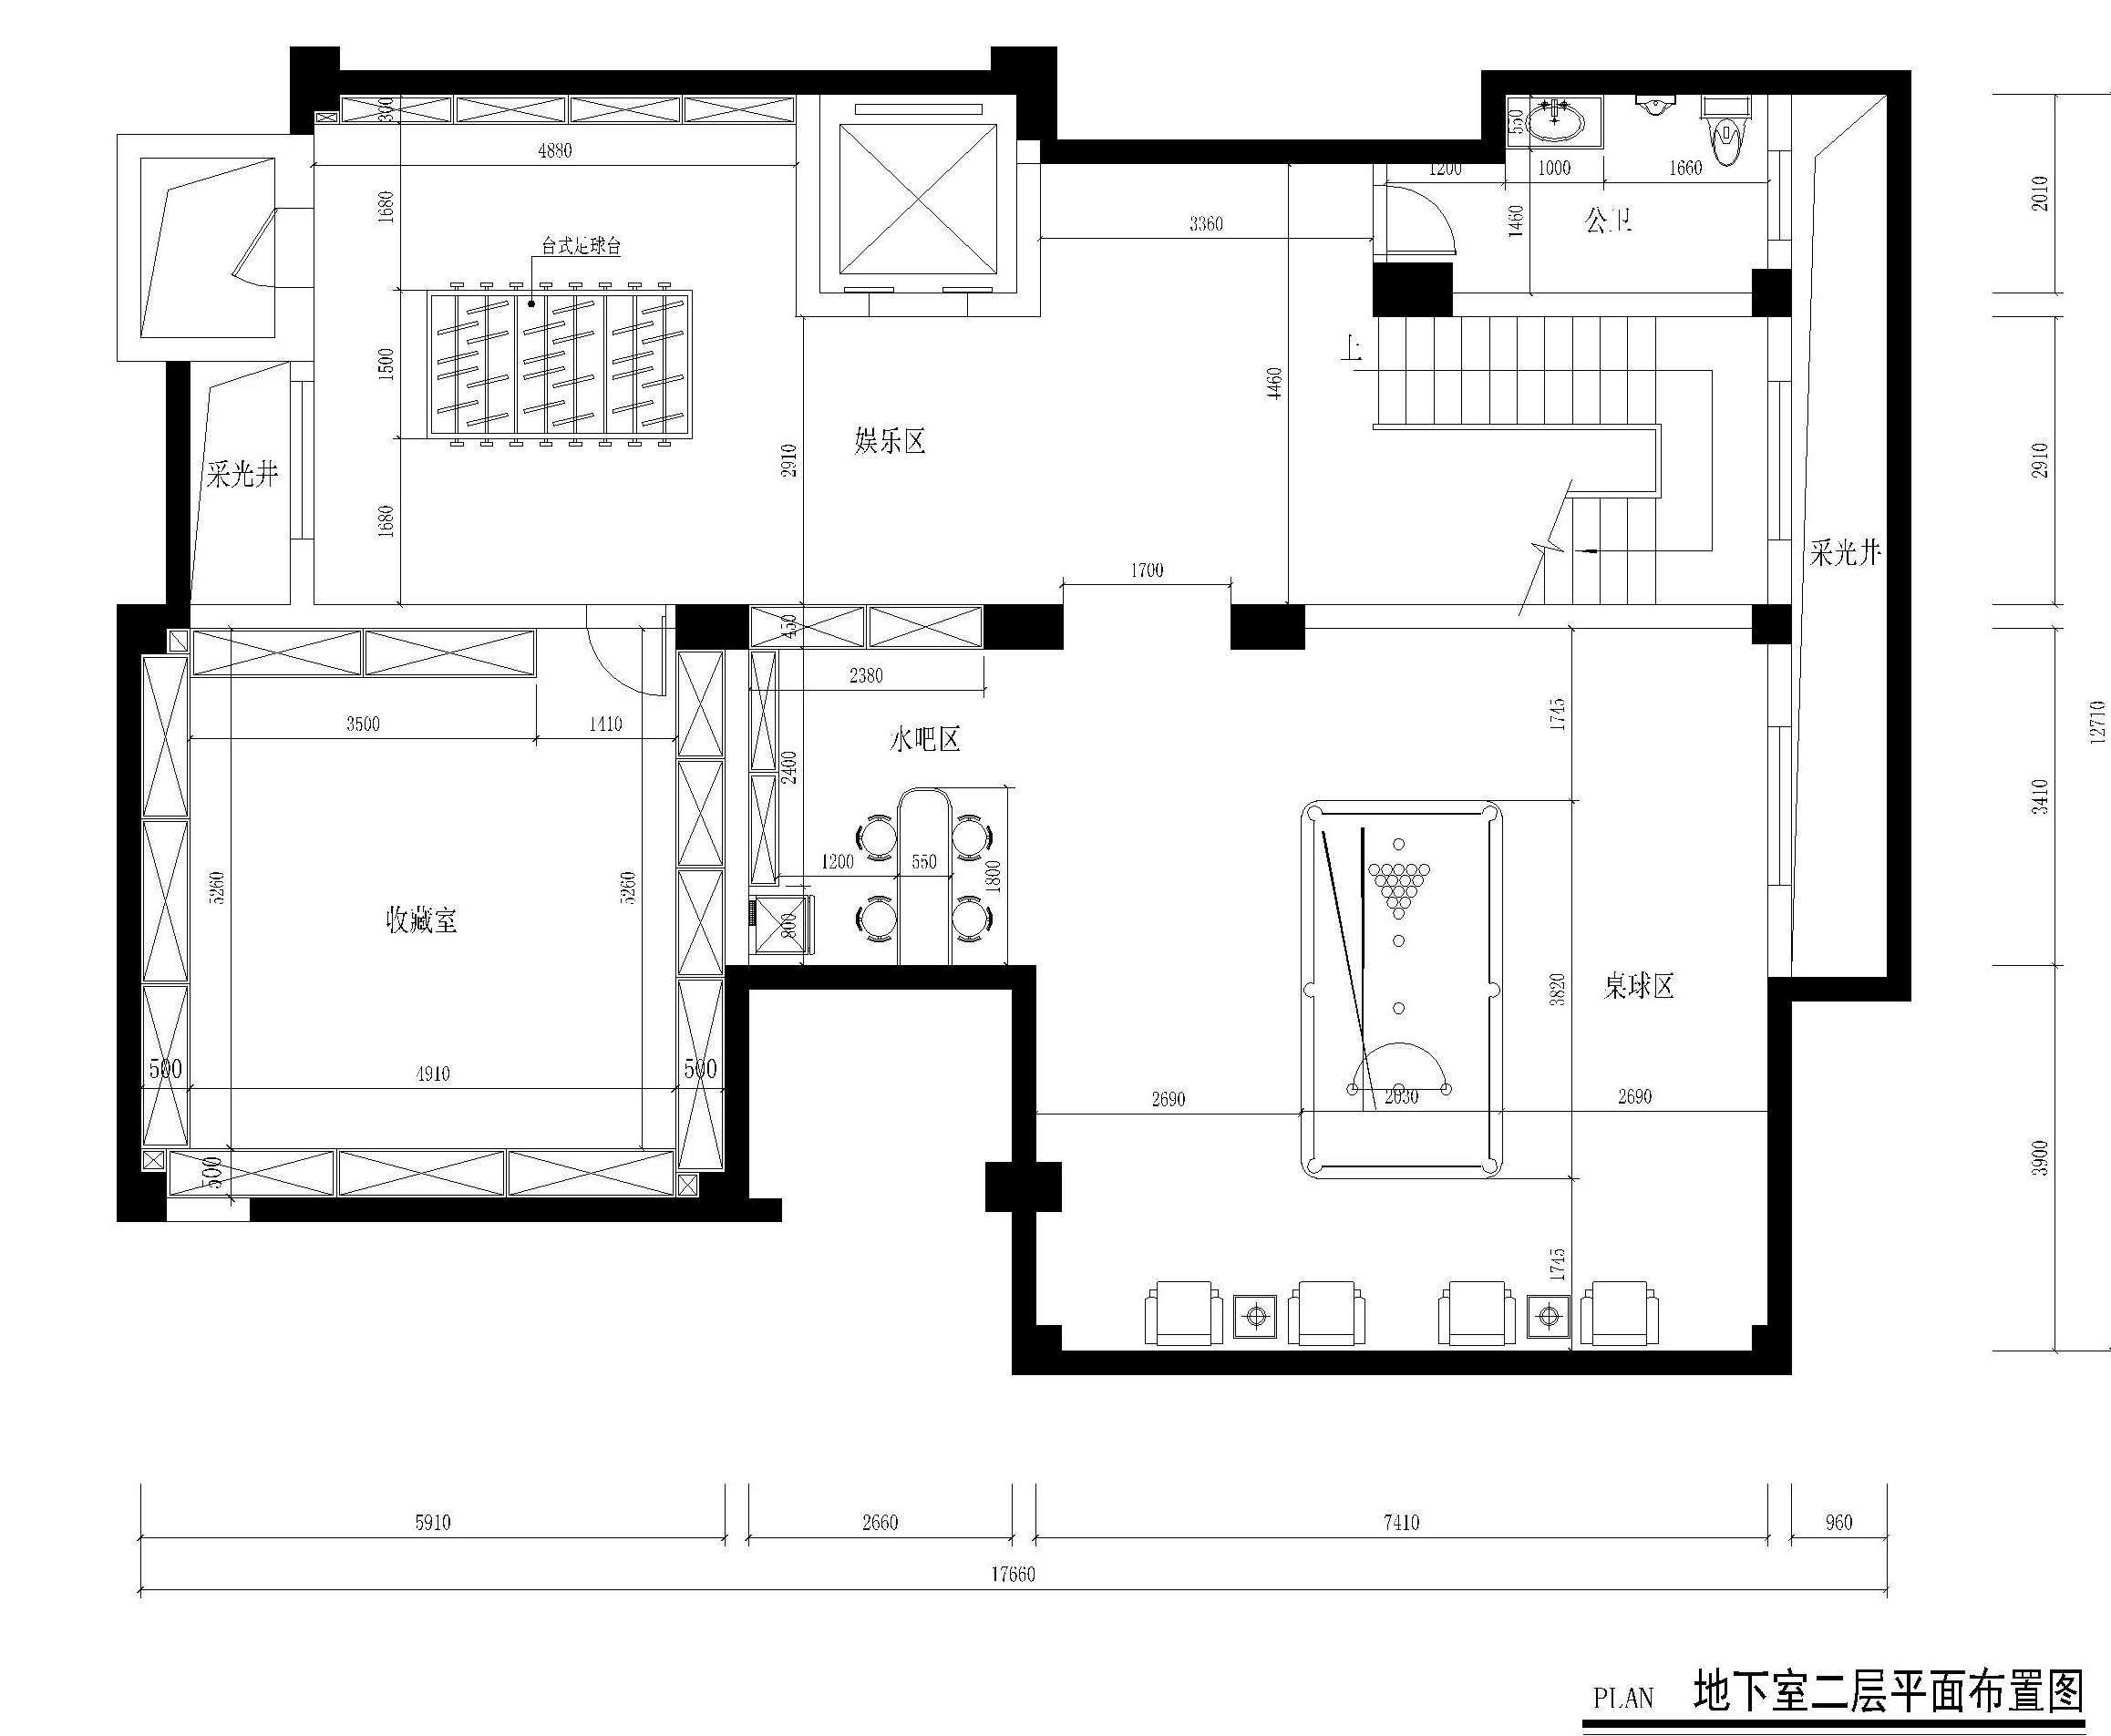 南城御花苑天珺湾装饰案例 930㎡欧式独栋别墅装修效果图装修设计理念